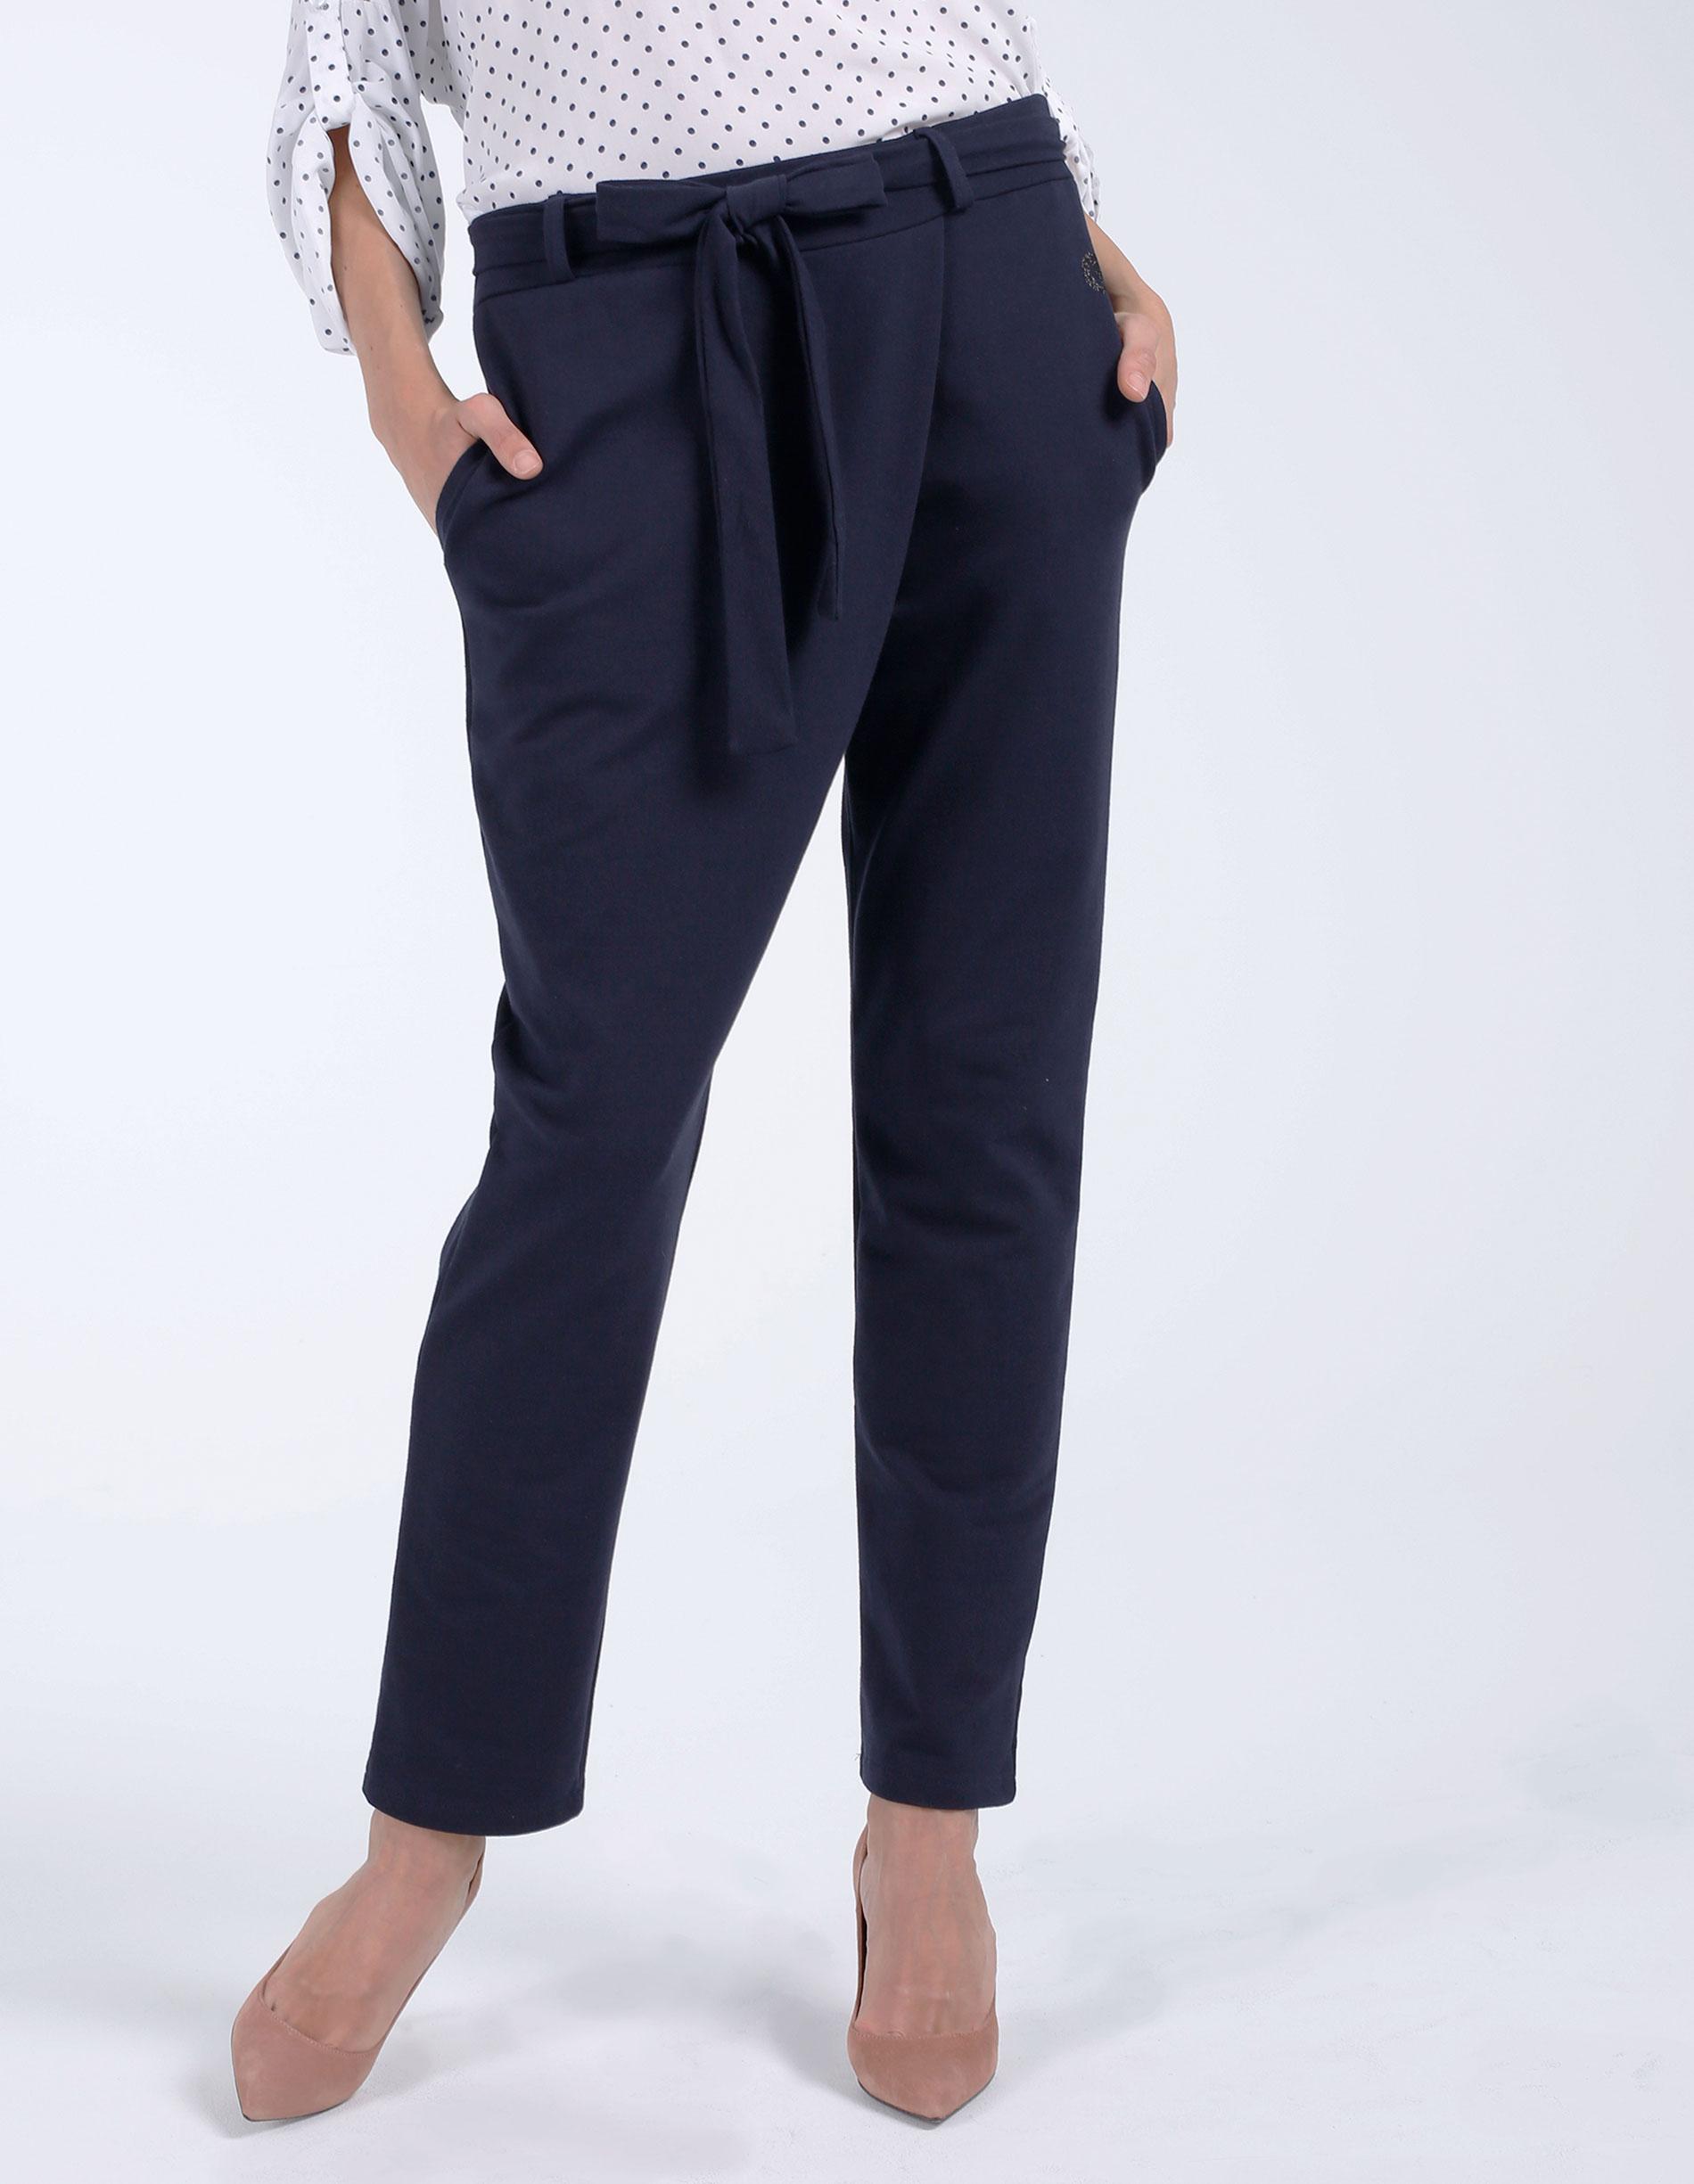 Spodnie - 30-67028 BLSC - Unisono